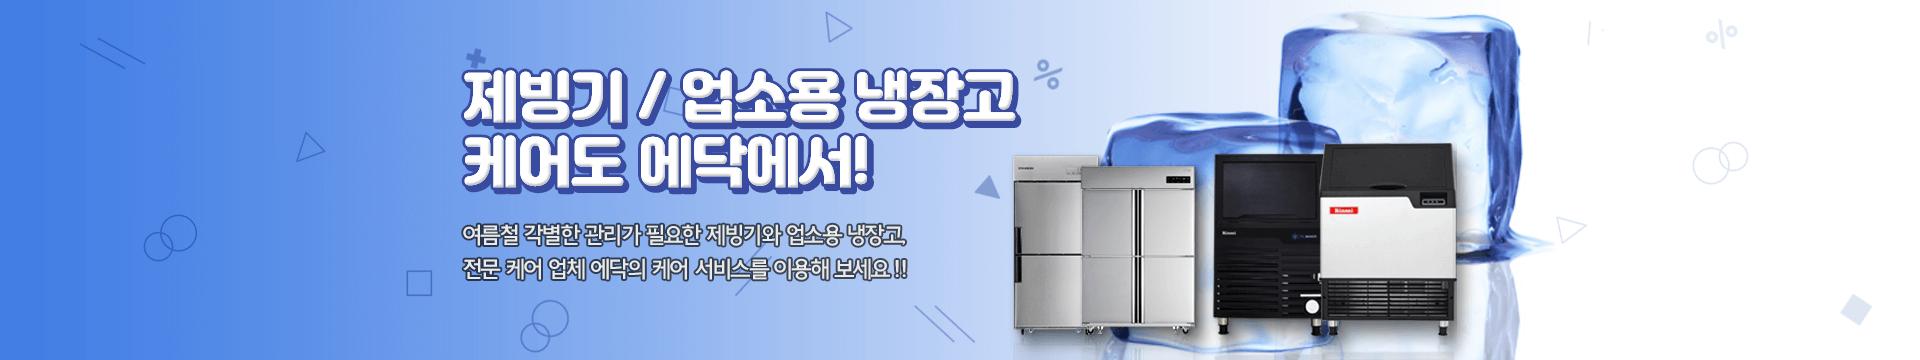 제빙기, 업소용 냉장고 단가 안내 및 패키지 할인 이벤트